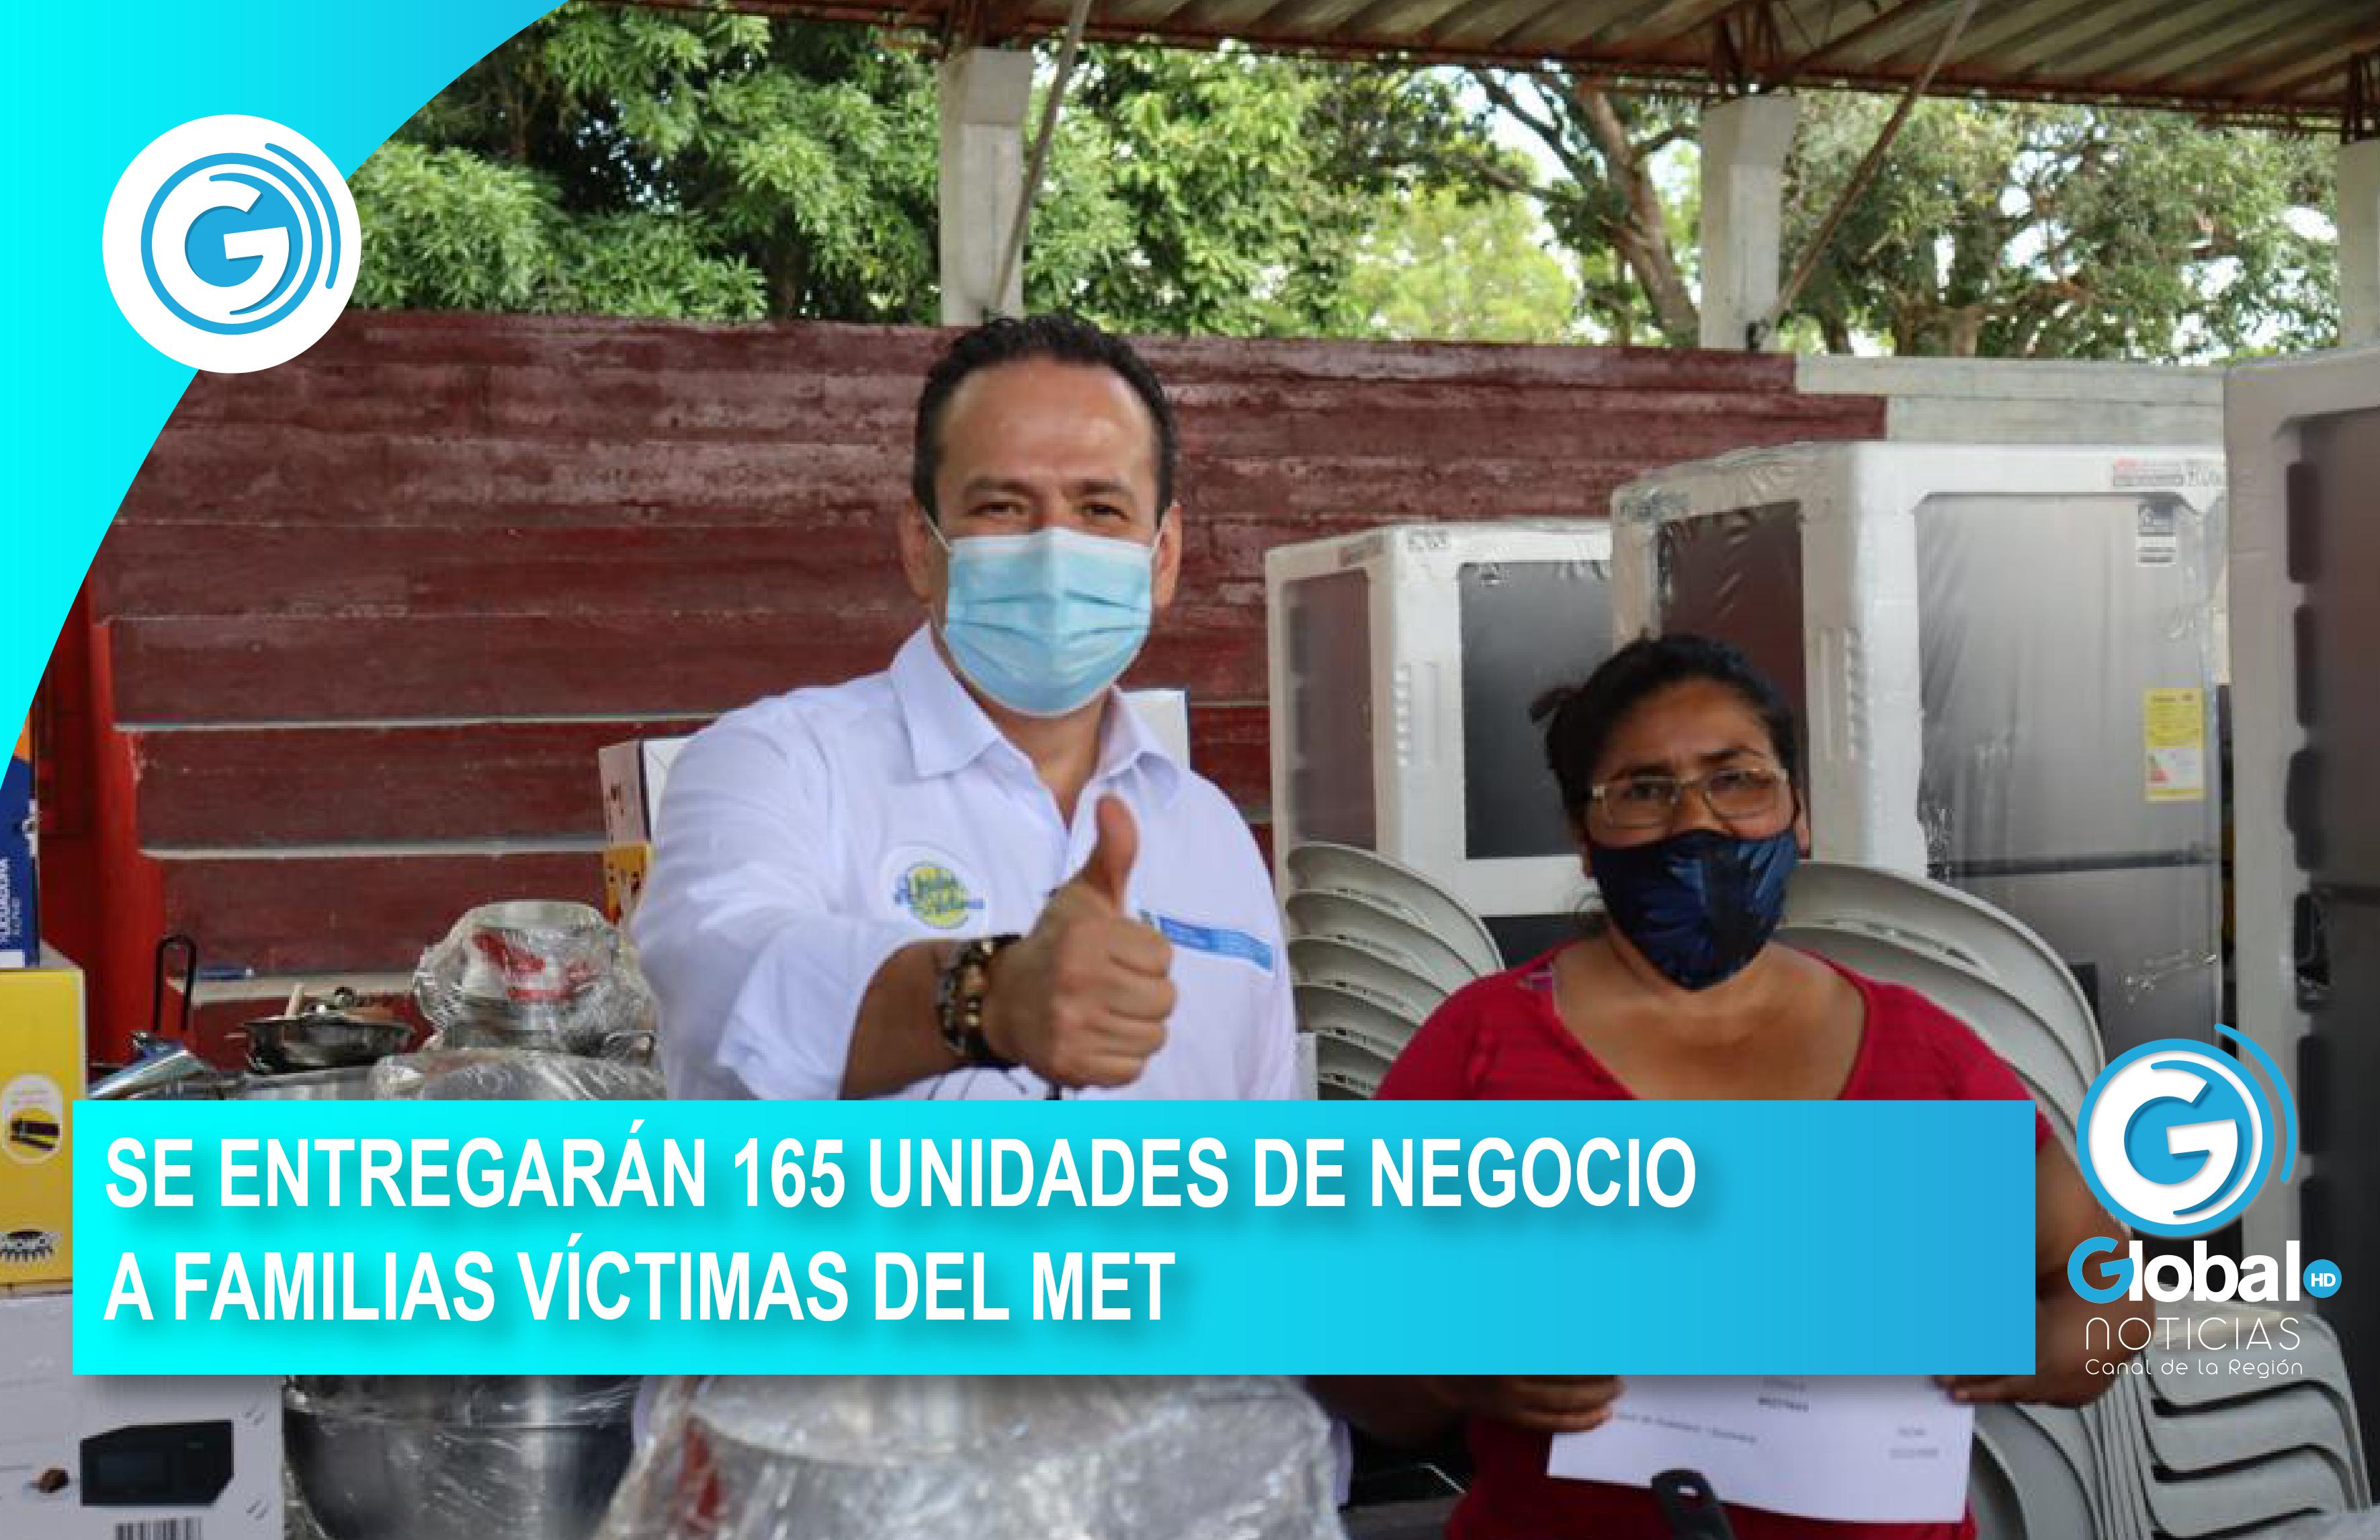 SE ENTREGARÁN 165 UNIDADES DE NEGOCIO A FAMILIAS VÍCTIMAS DEL META